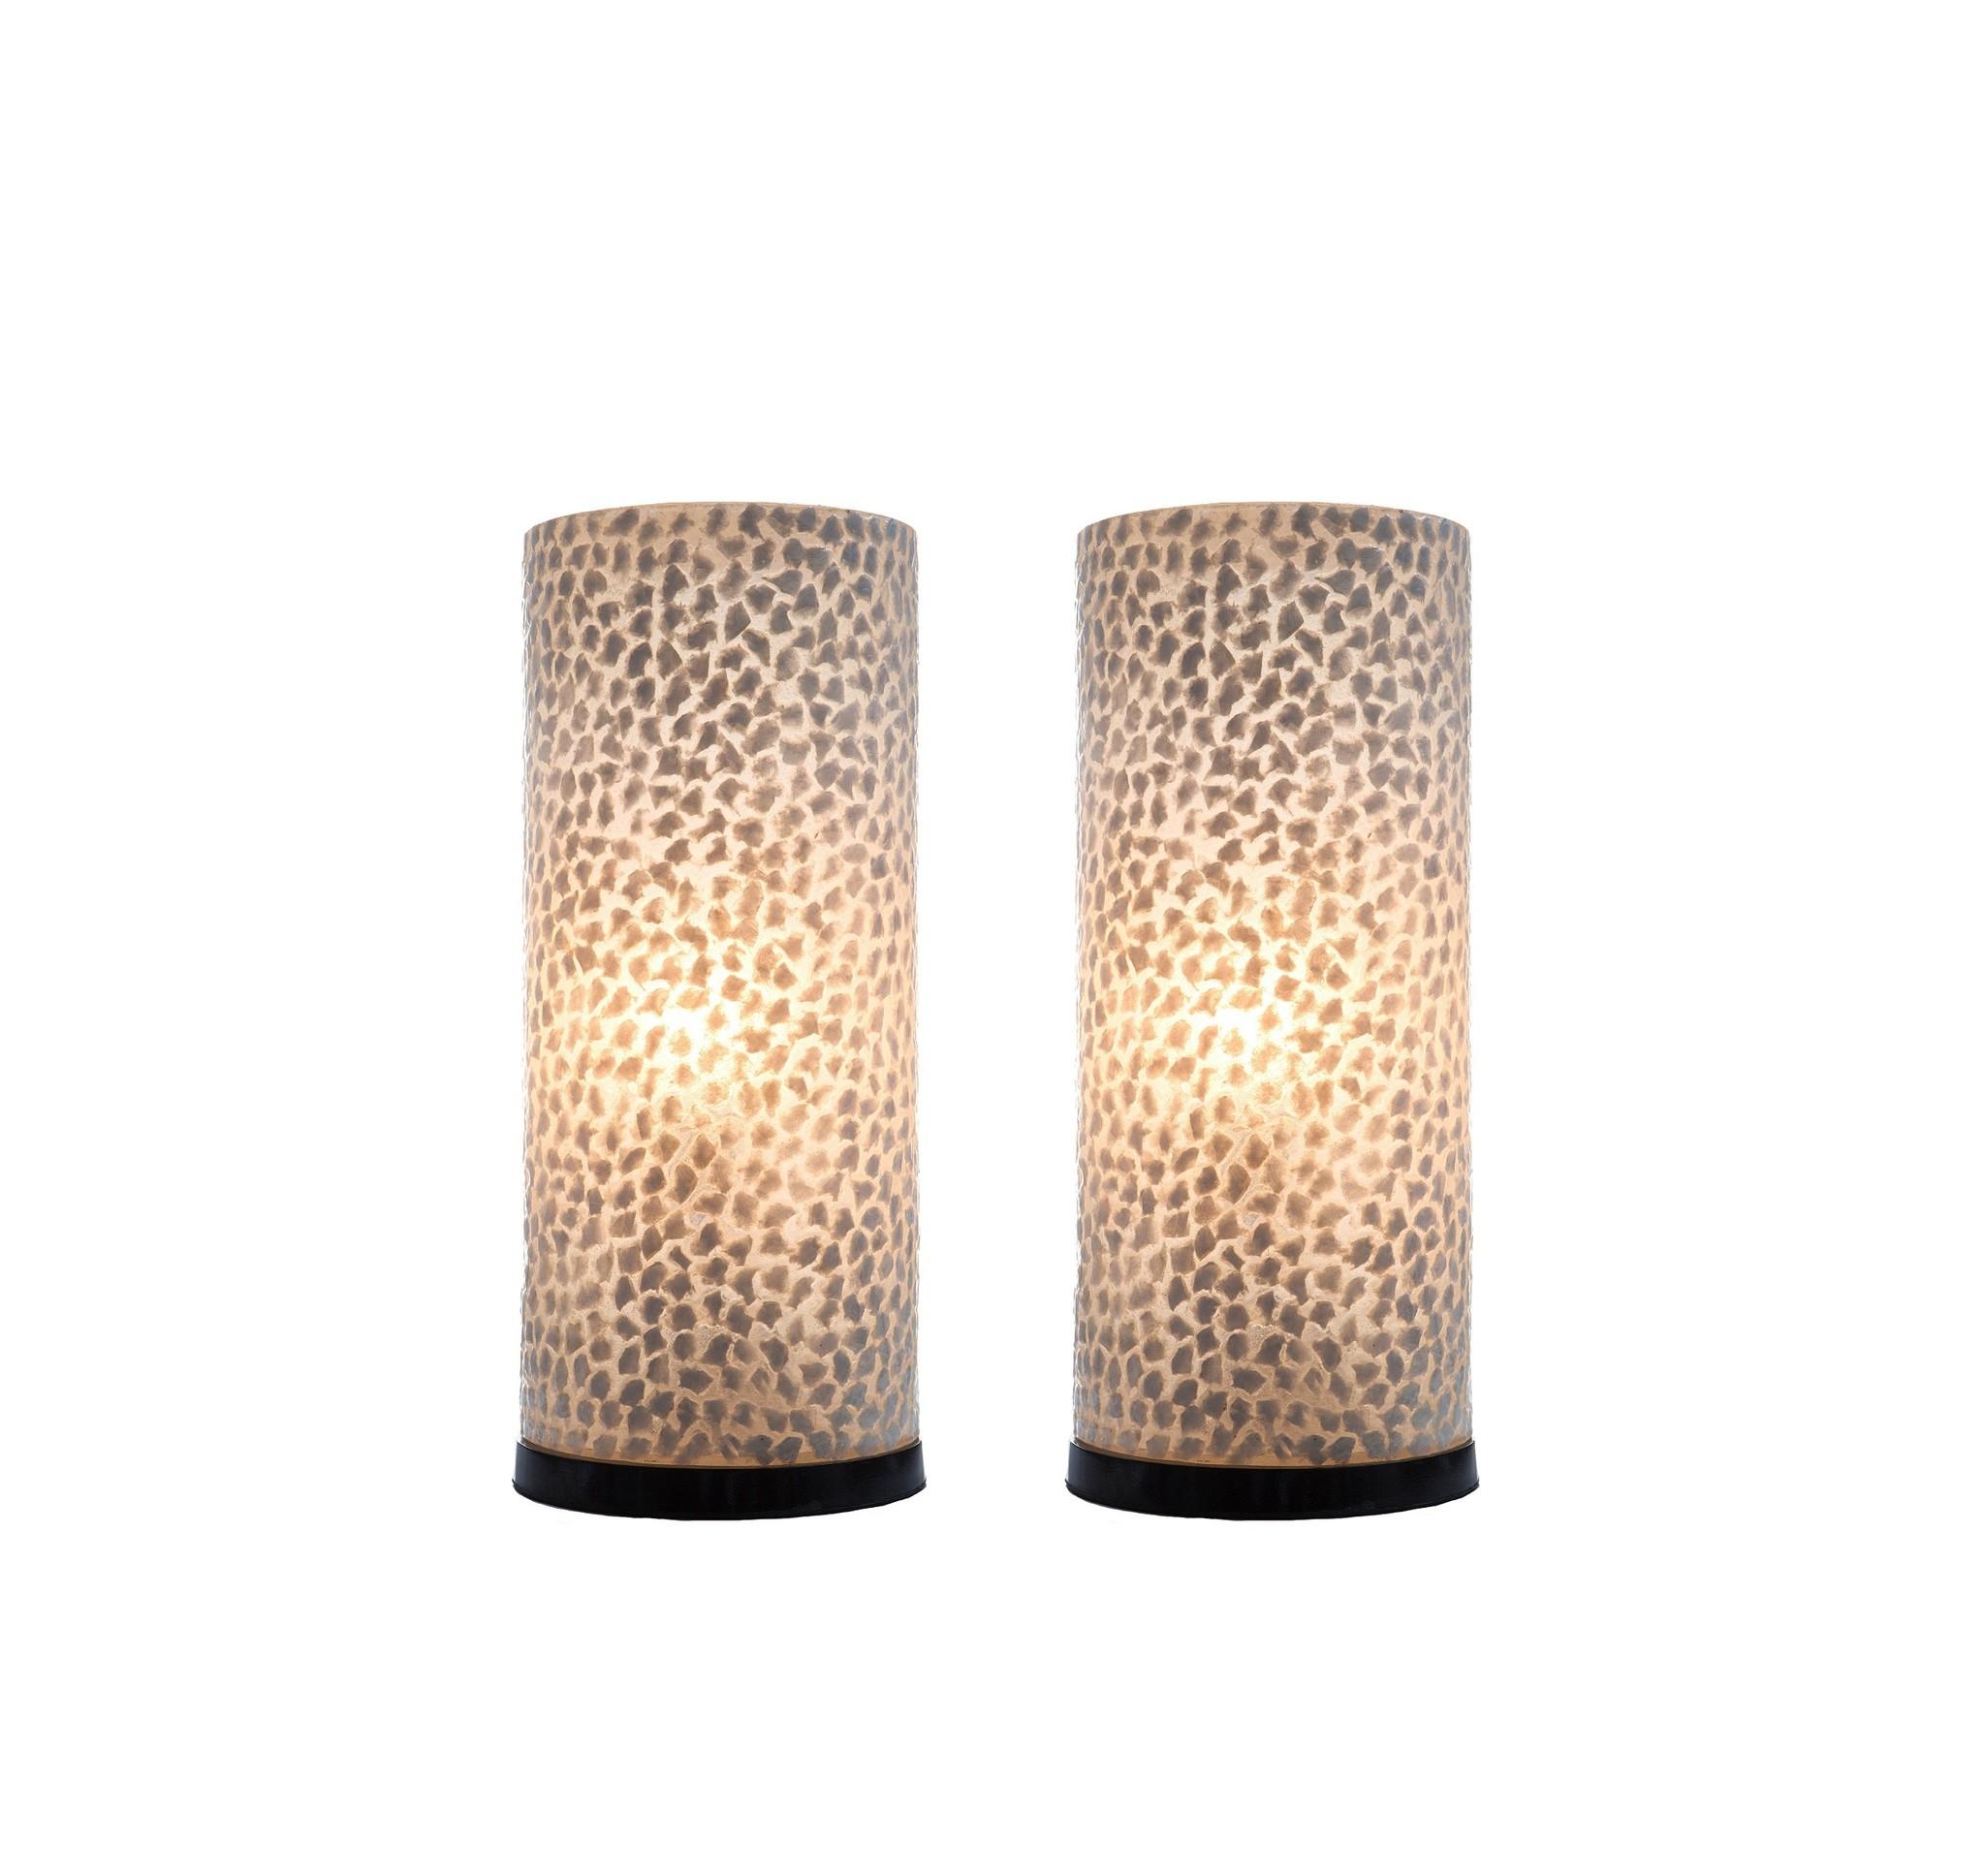 Tafellamp Wangi White 30cm 2 Stuks